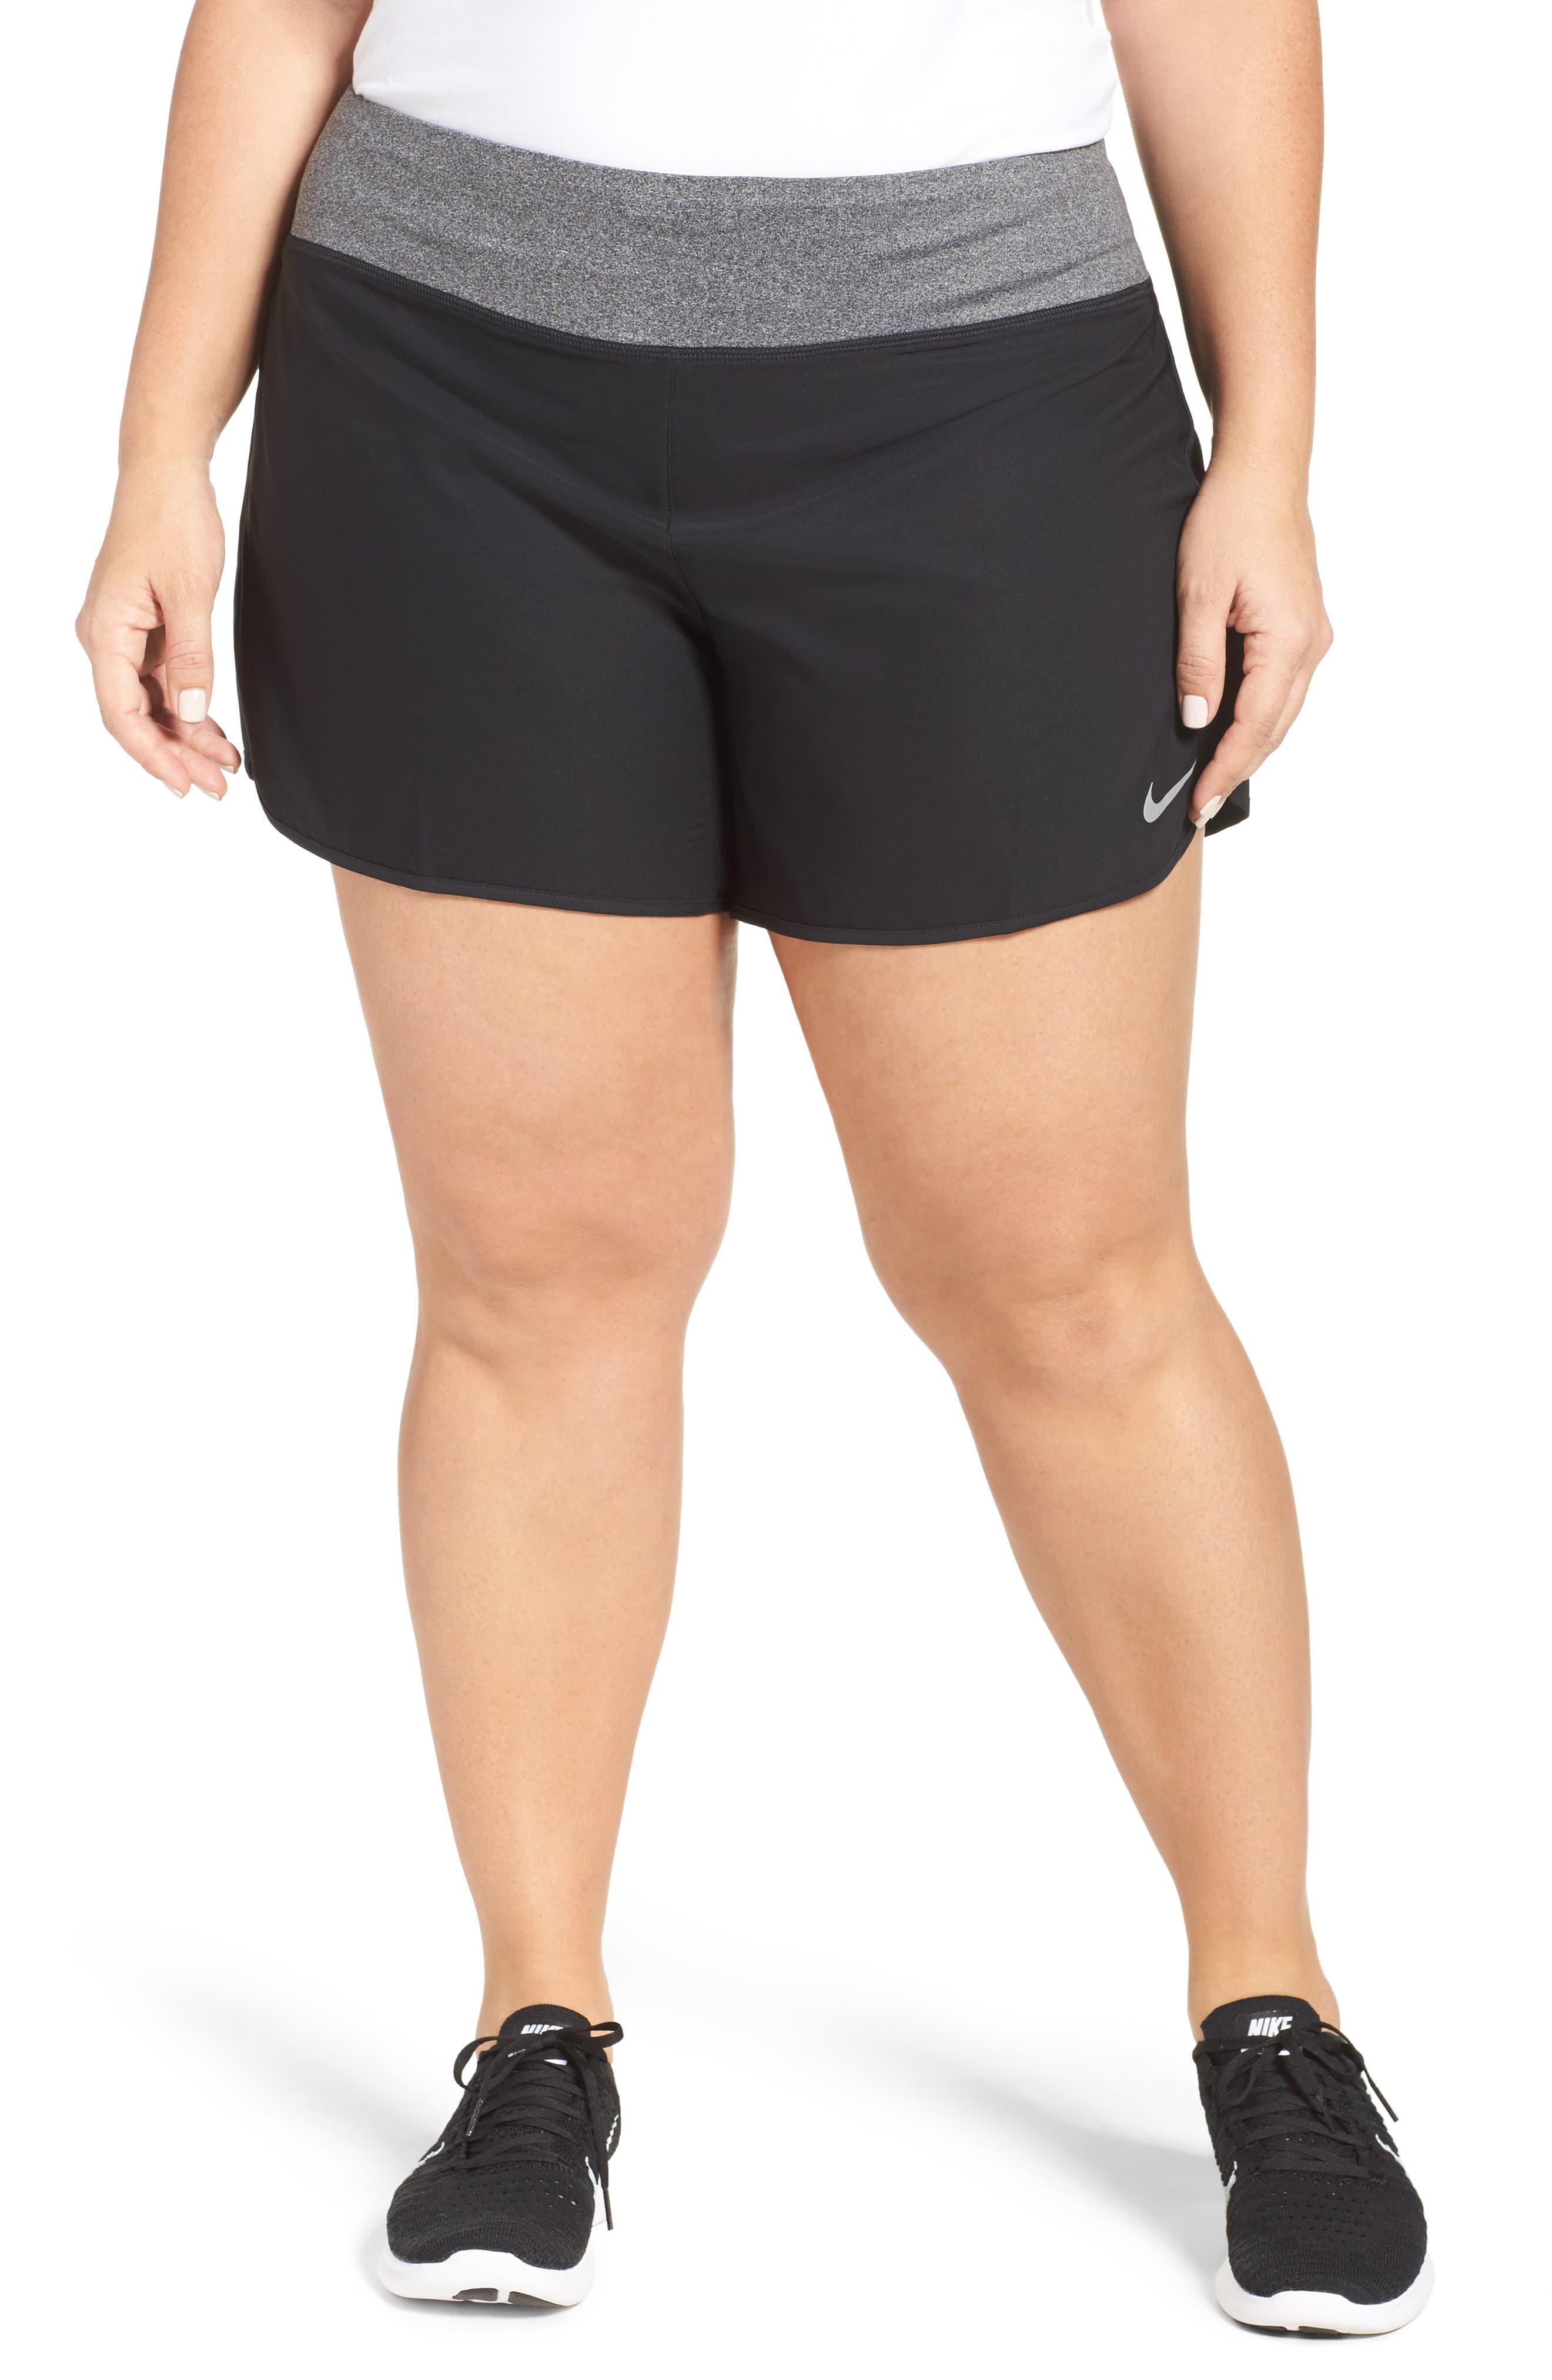 Rival Running Shorts,                         Main,                         color, Black